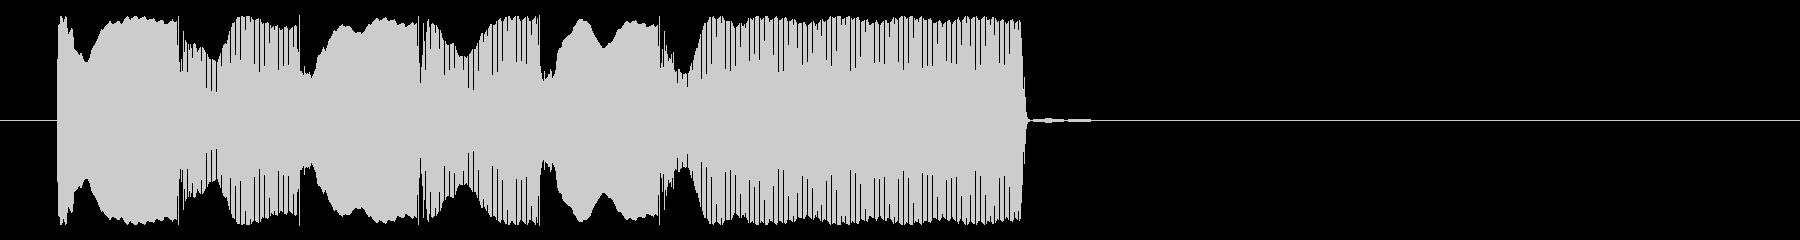 正解 ピンポンピンポンピンポーン クイズの未再生の波形